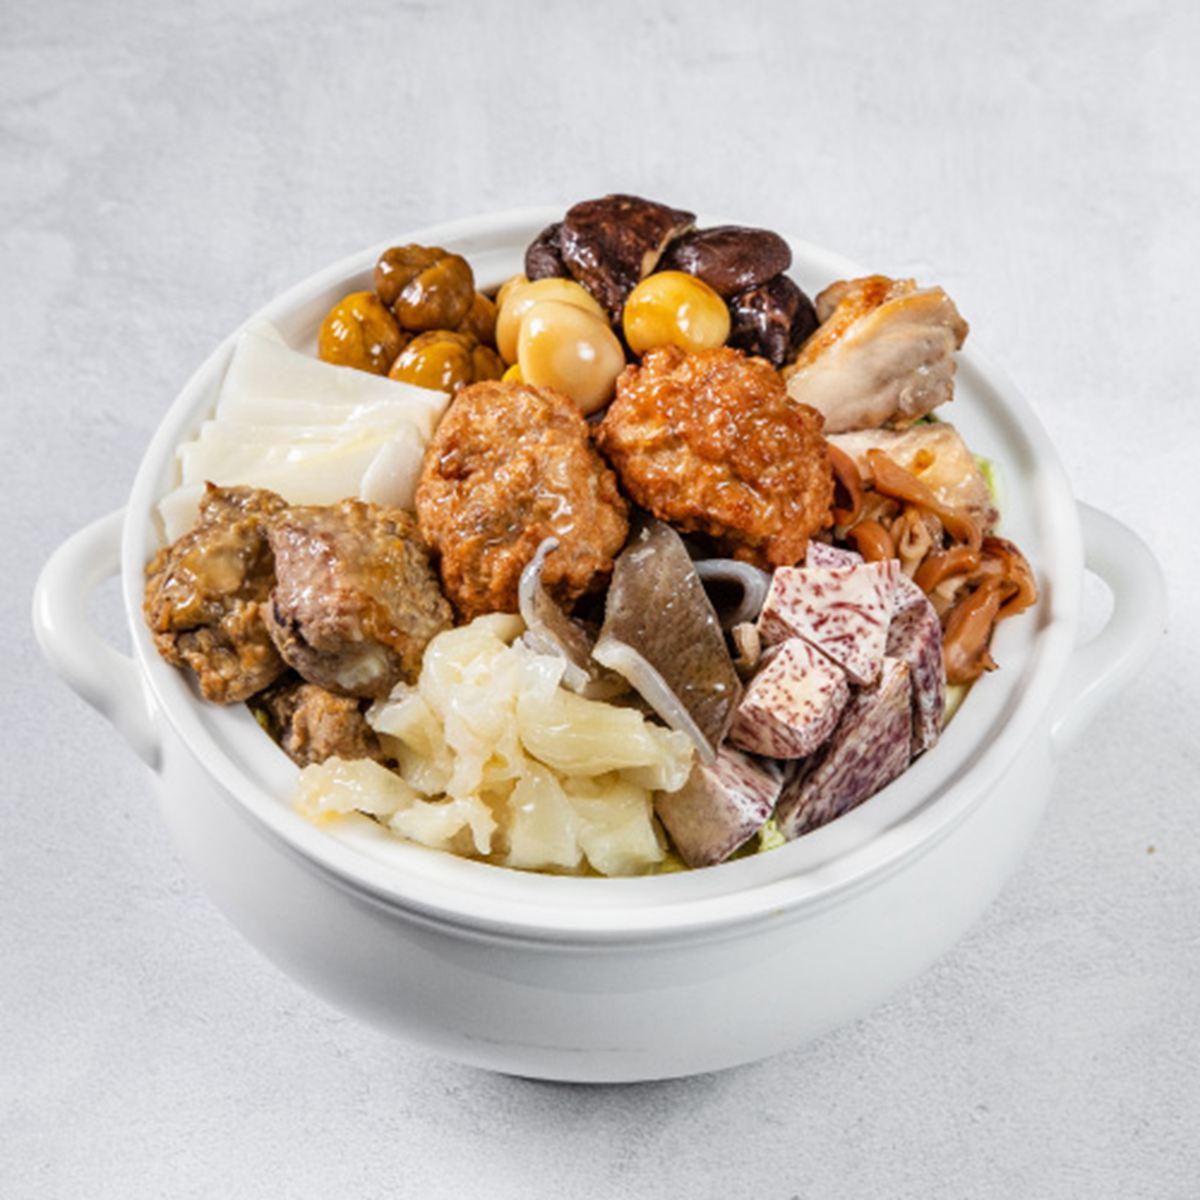 年菜這味不能少!網購界3大浮誇佛跳牆:世界粵菜廚皇研發、海陸獅子頭入菜